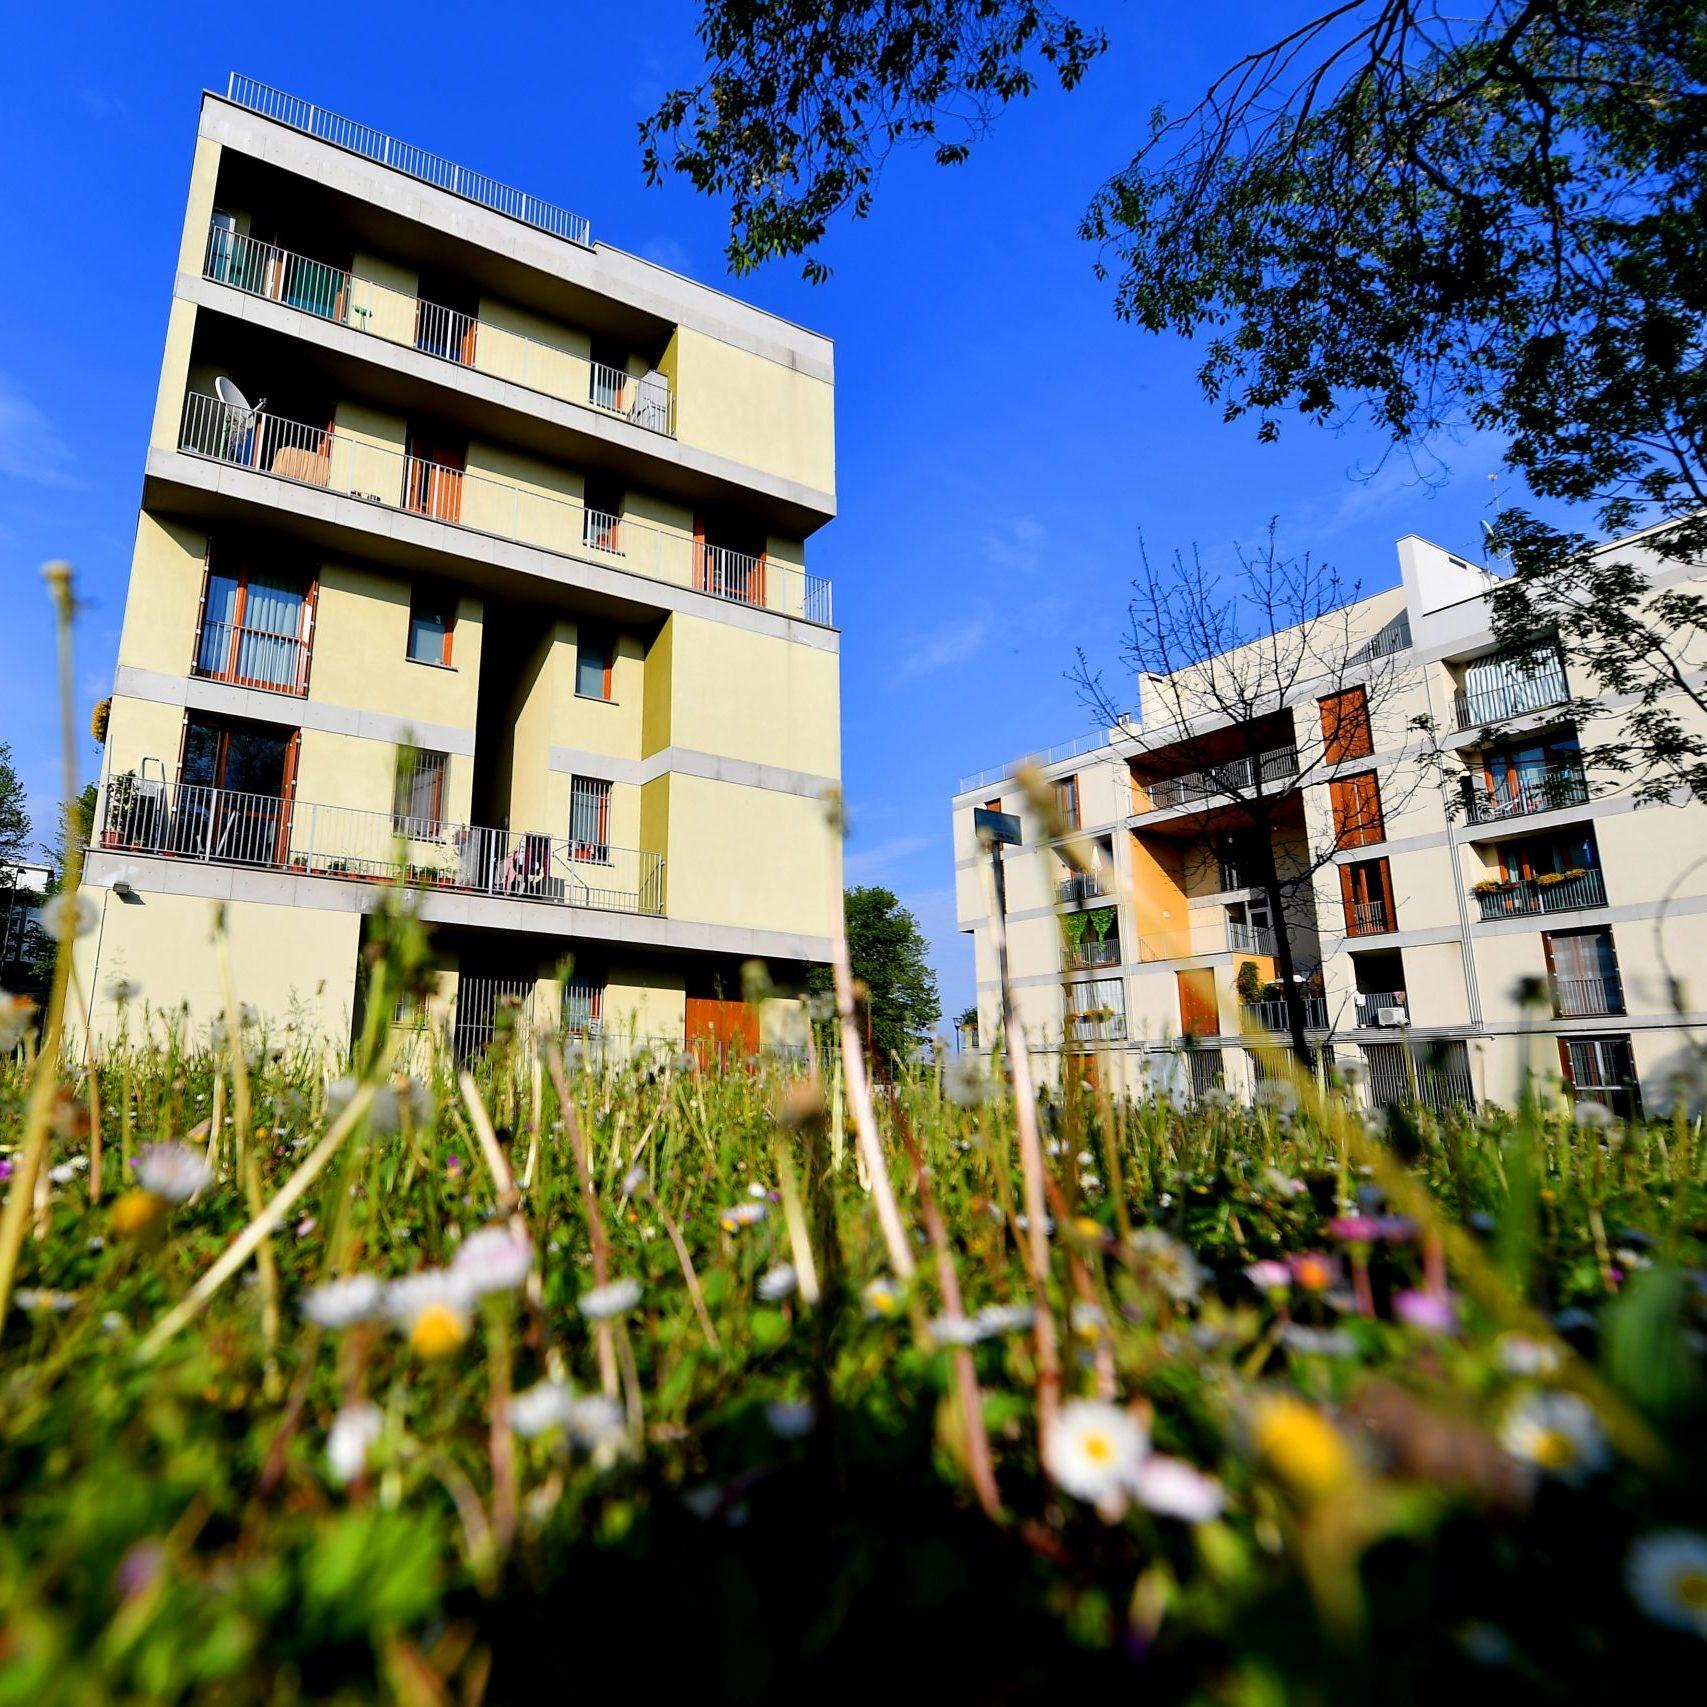 Le idee di Beppe Sala, edilizia popolare